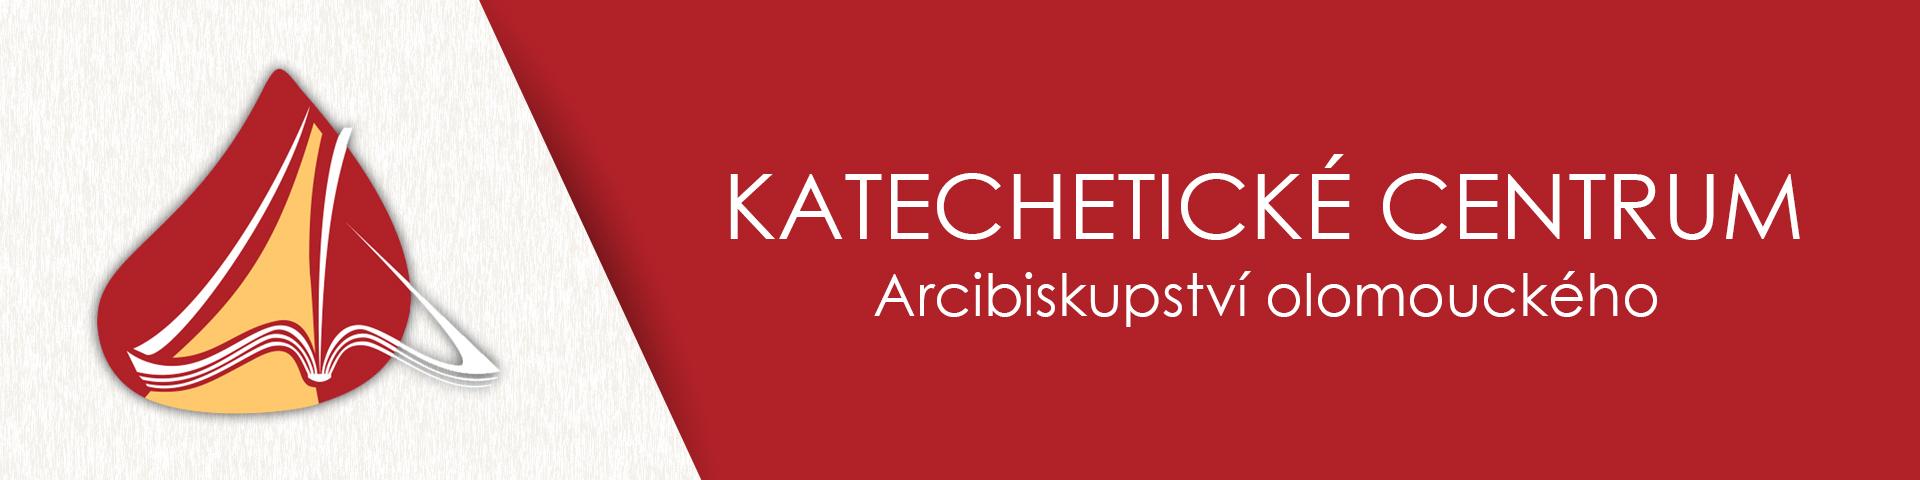 Katechetické centrum